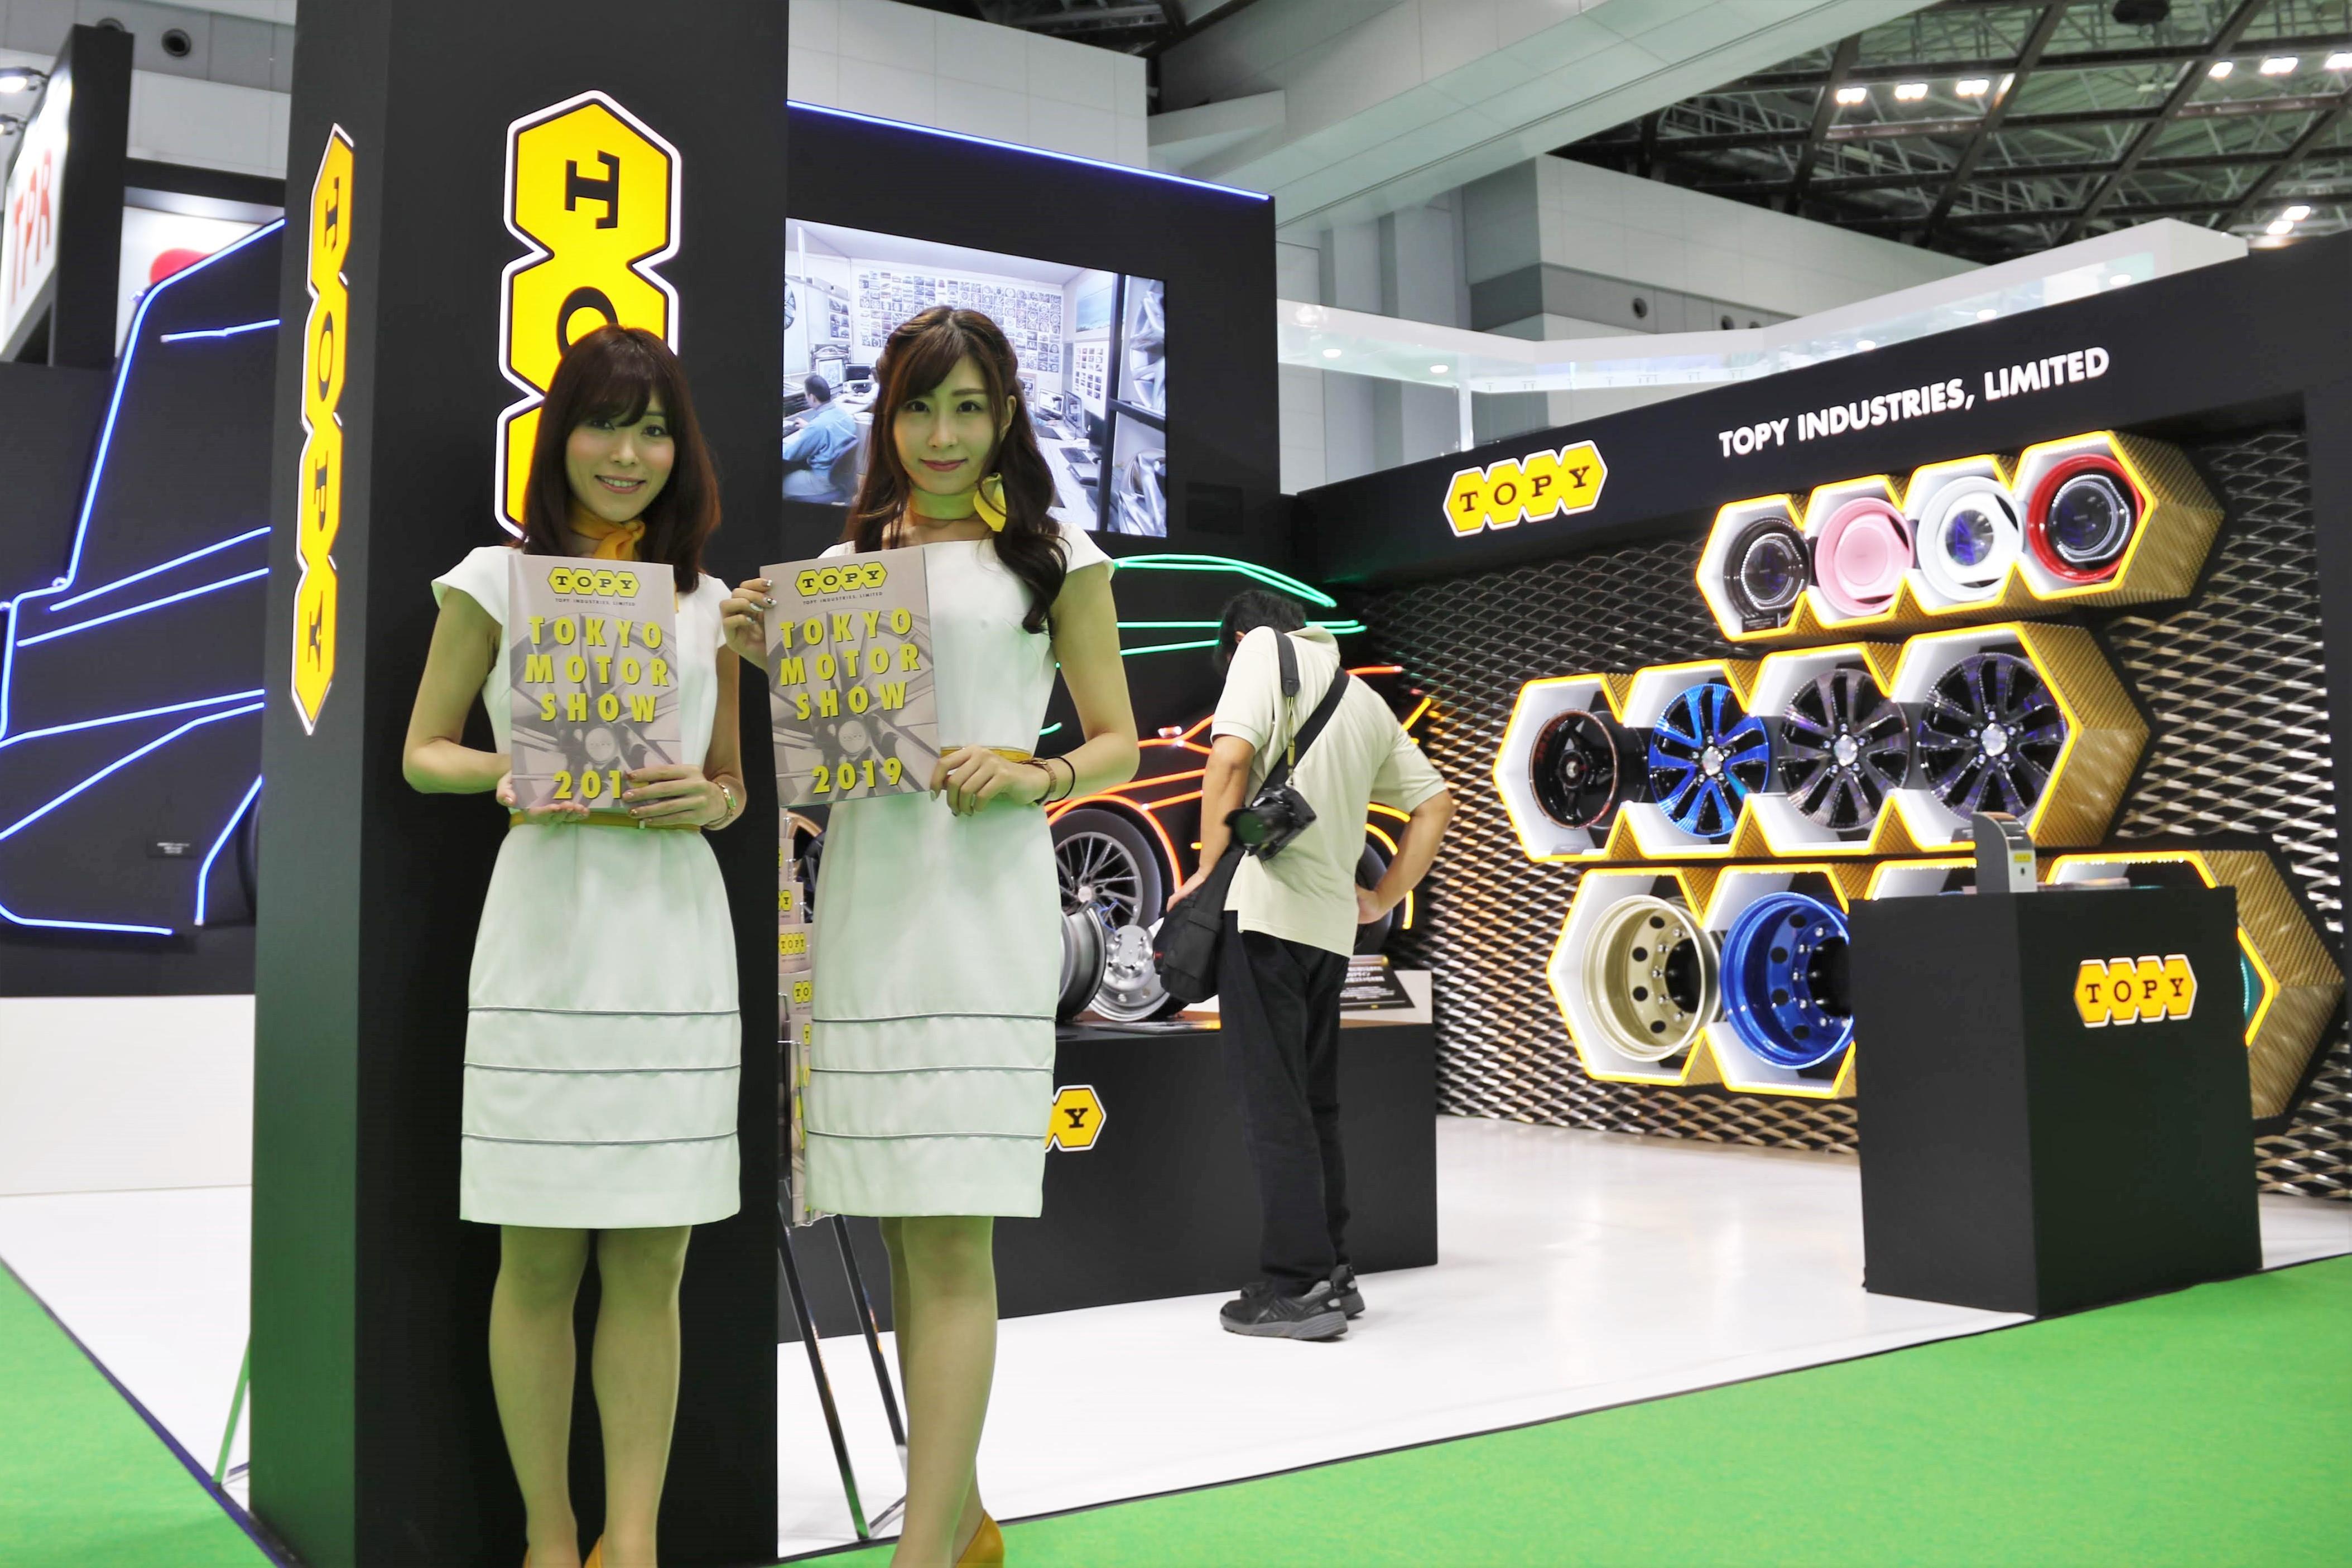 トピー工業、アルミ&スチールホイールの最新技術を展示…東京モーターショー2019